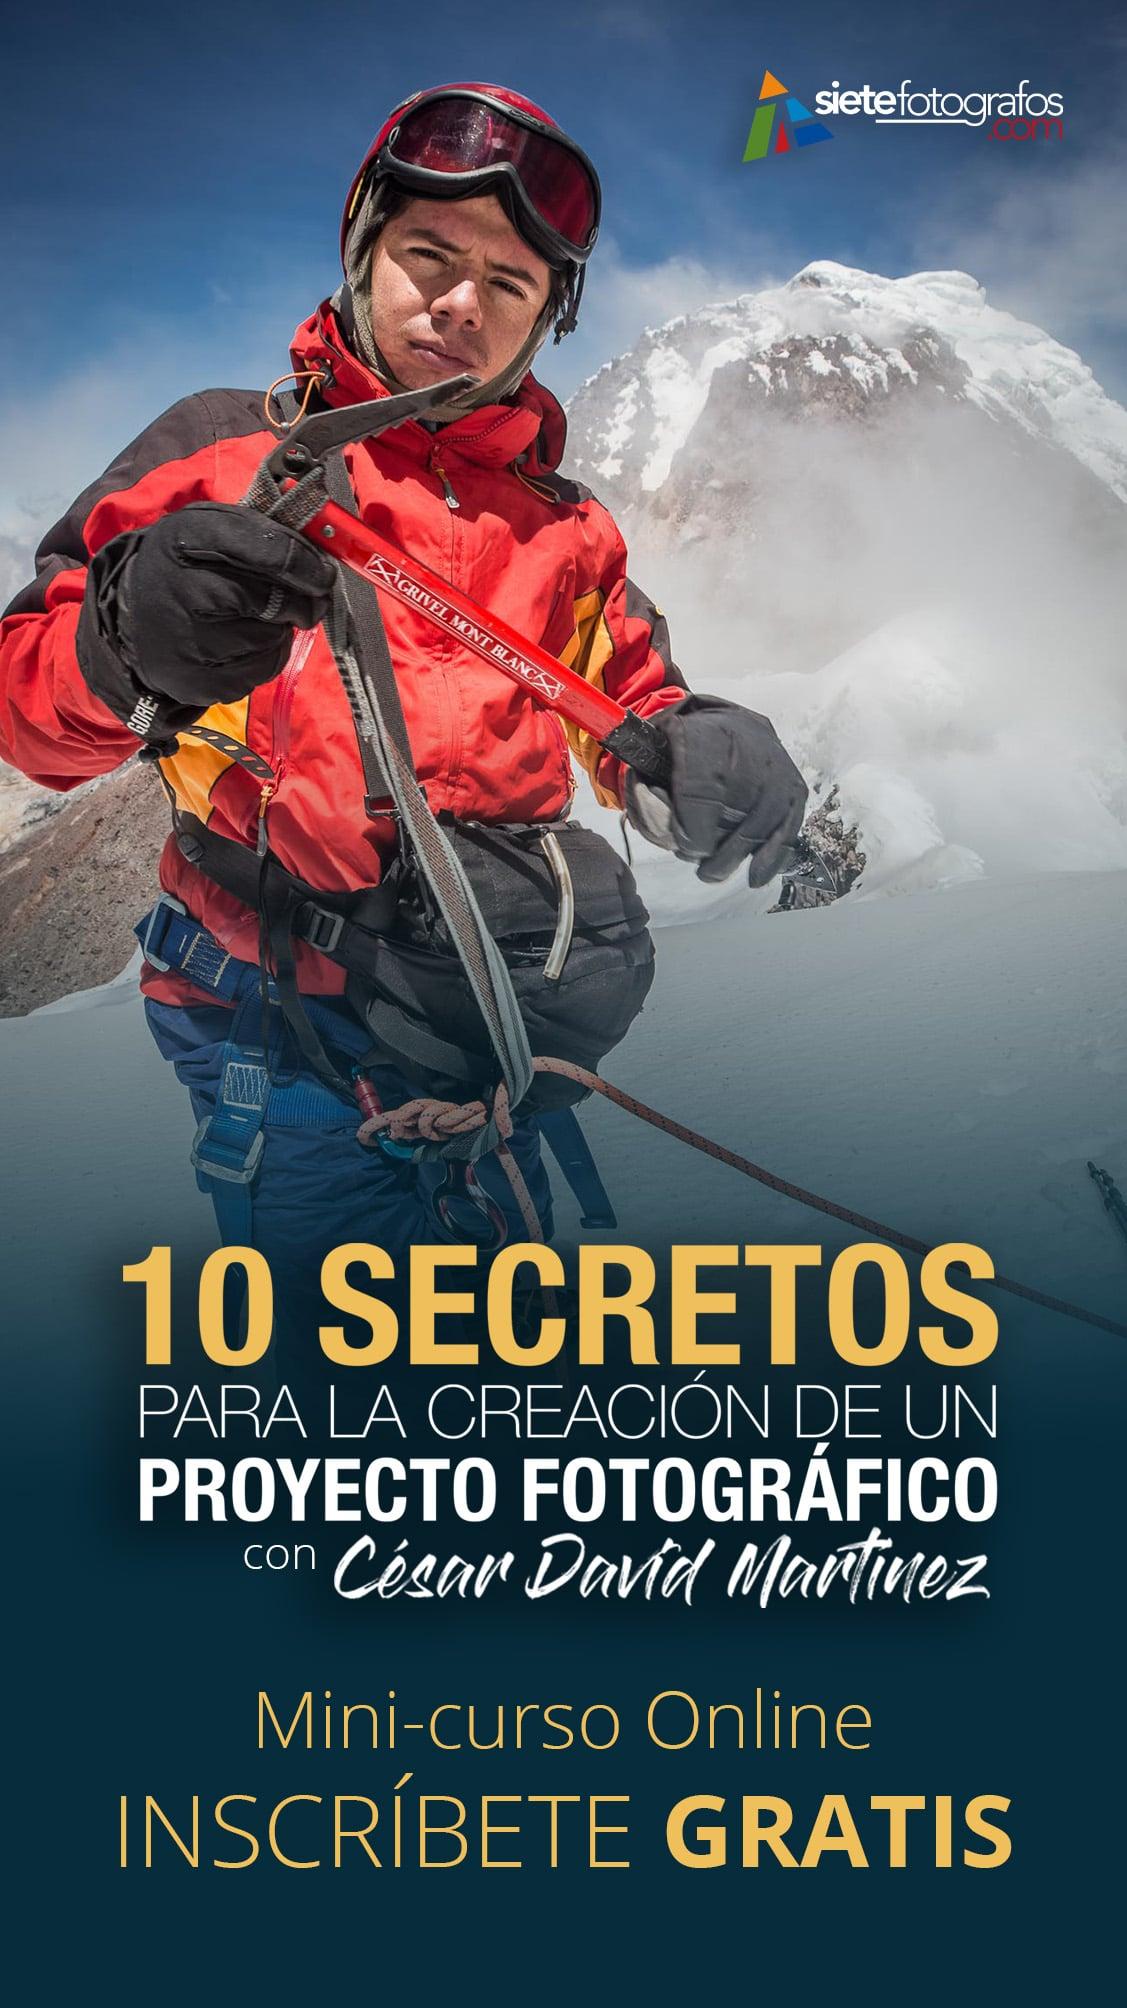 curso gratis 10 secretos creacion proyecto fotografico cesar david martinez